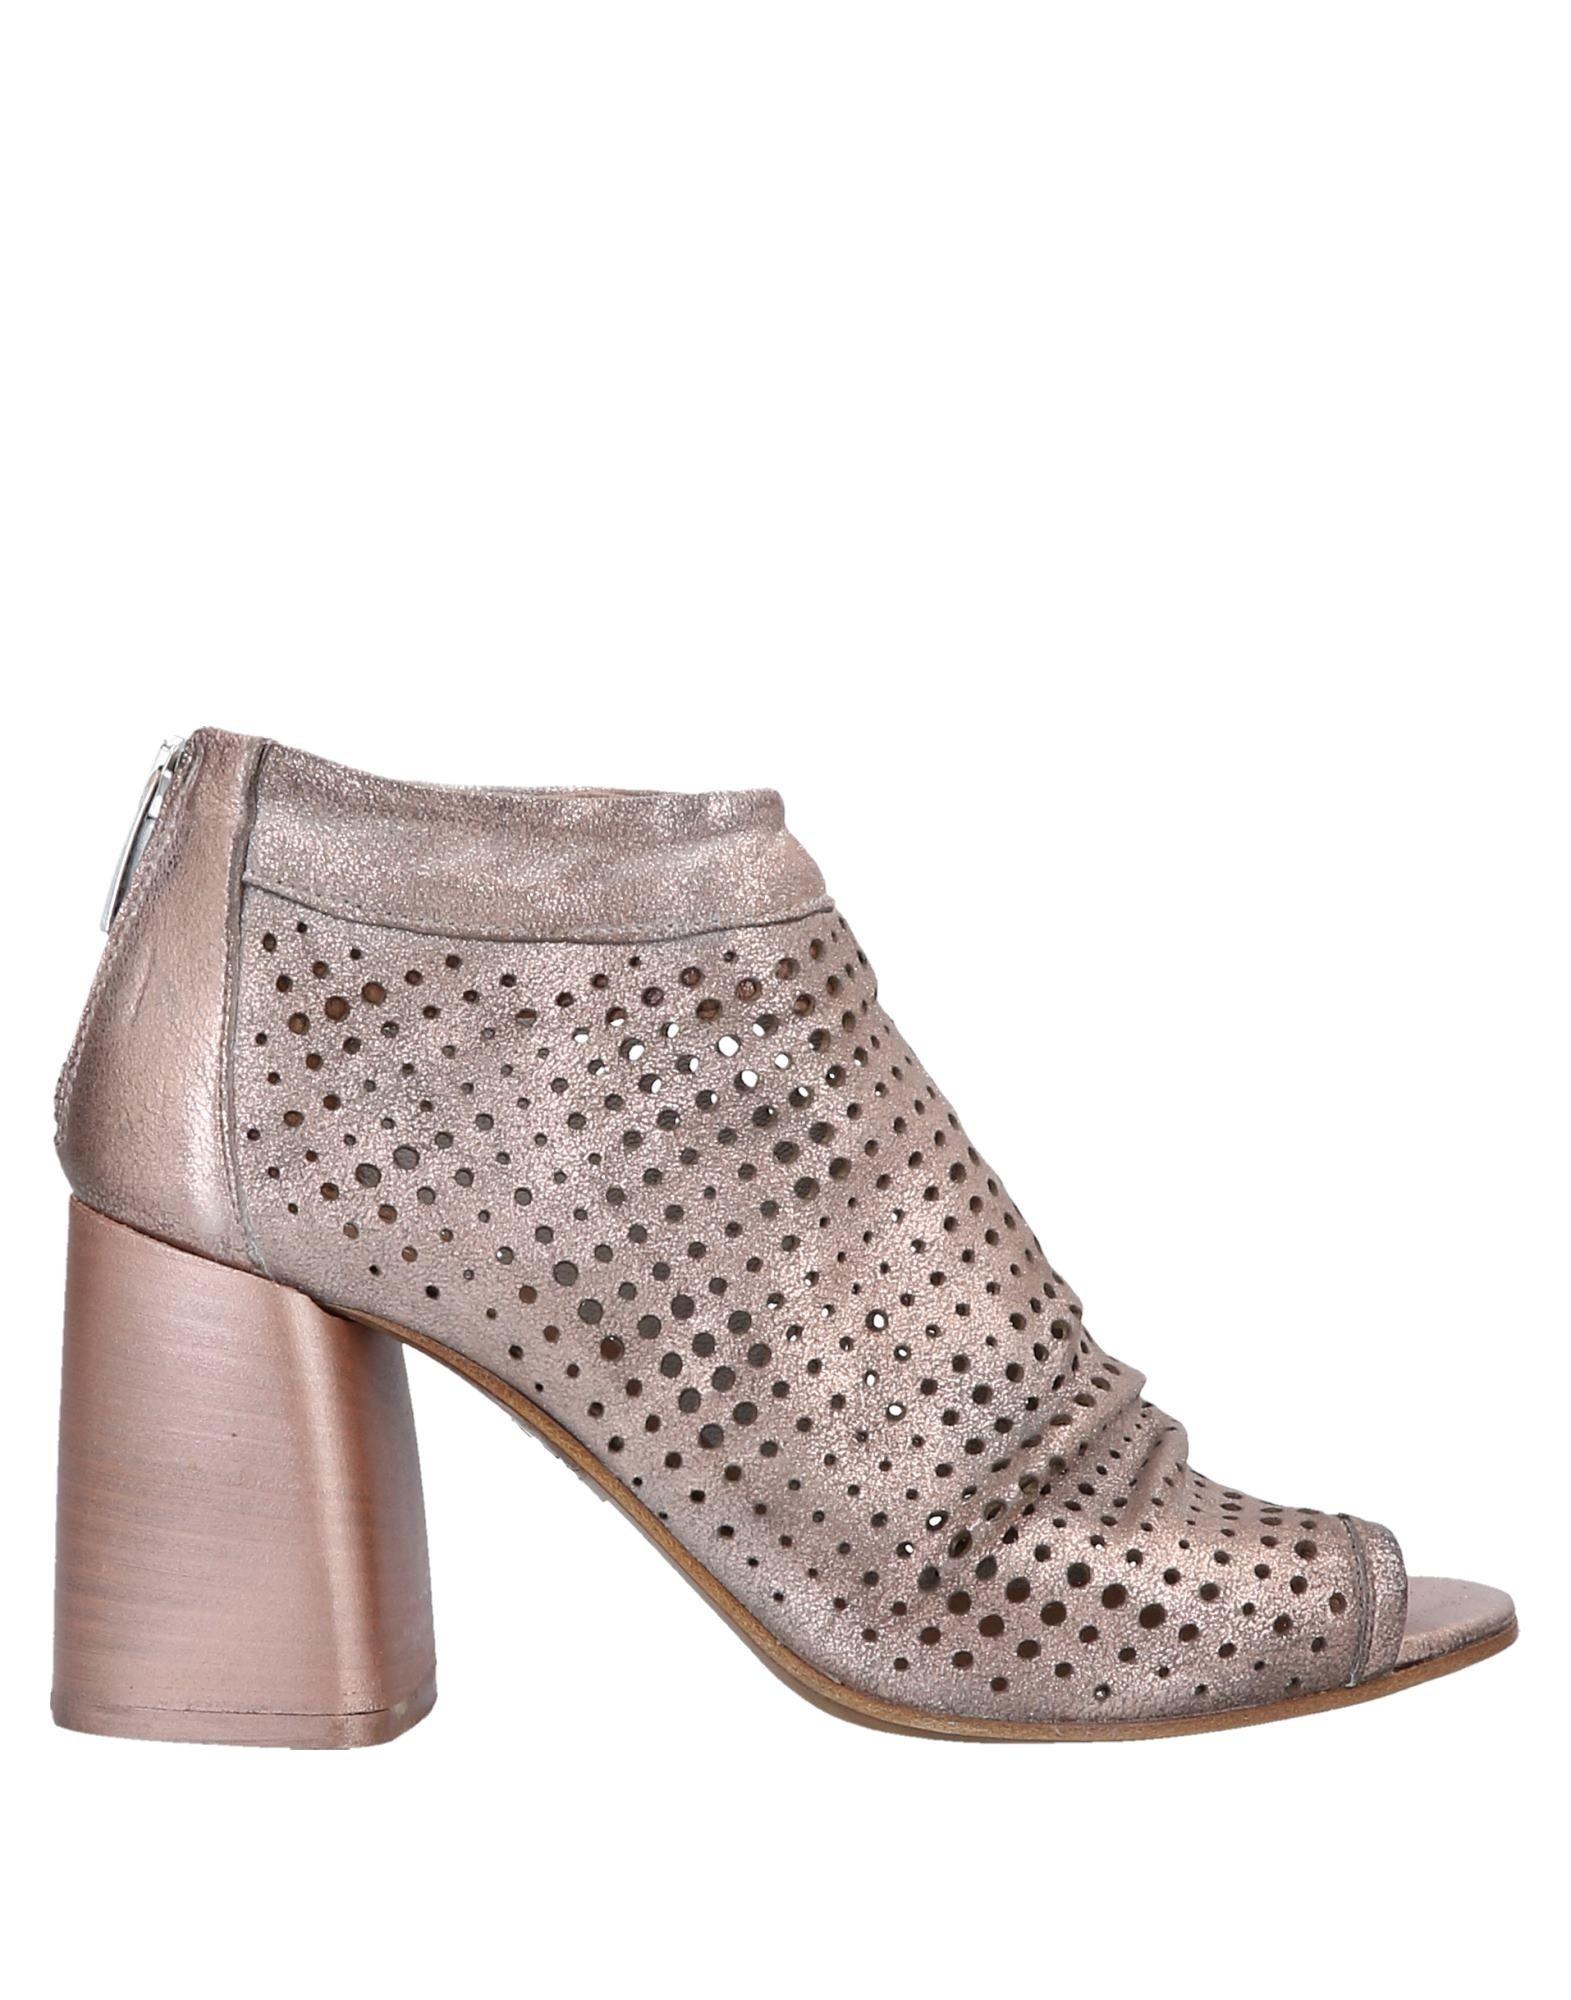 6bc04b314 Divine Follie Ankle Boot - Women Divine Follie Ankle Boots Boots Boots  online on United Kingdom - 11570671KR ad60a9